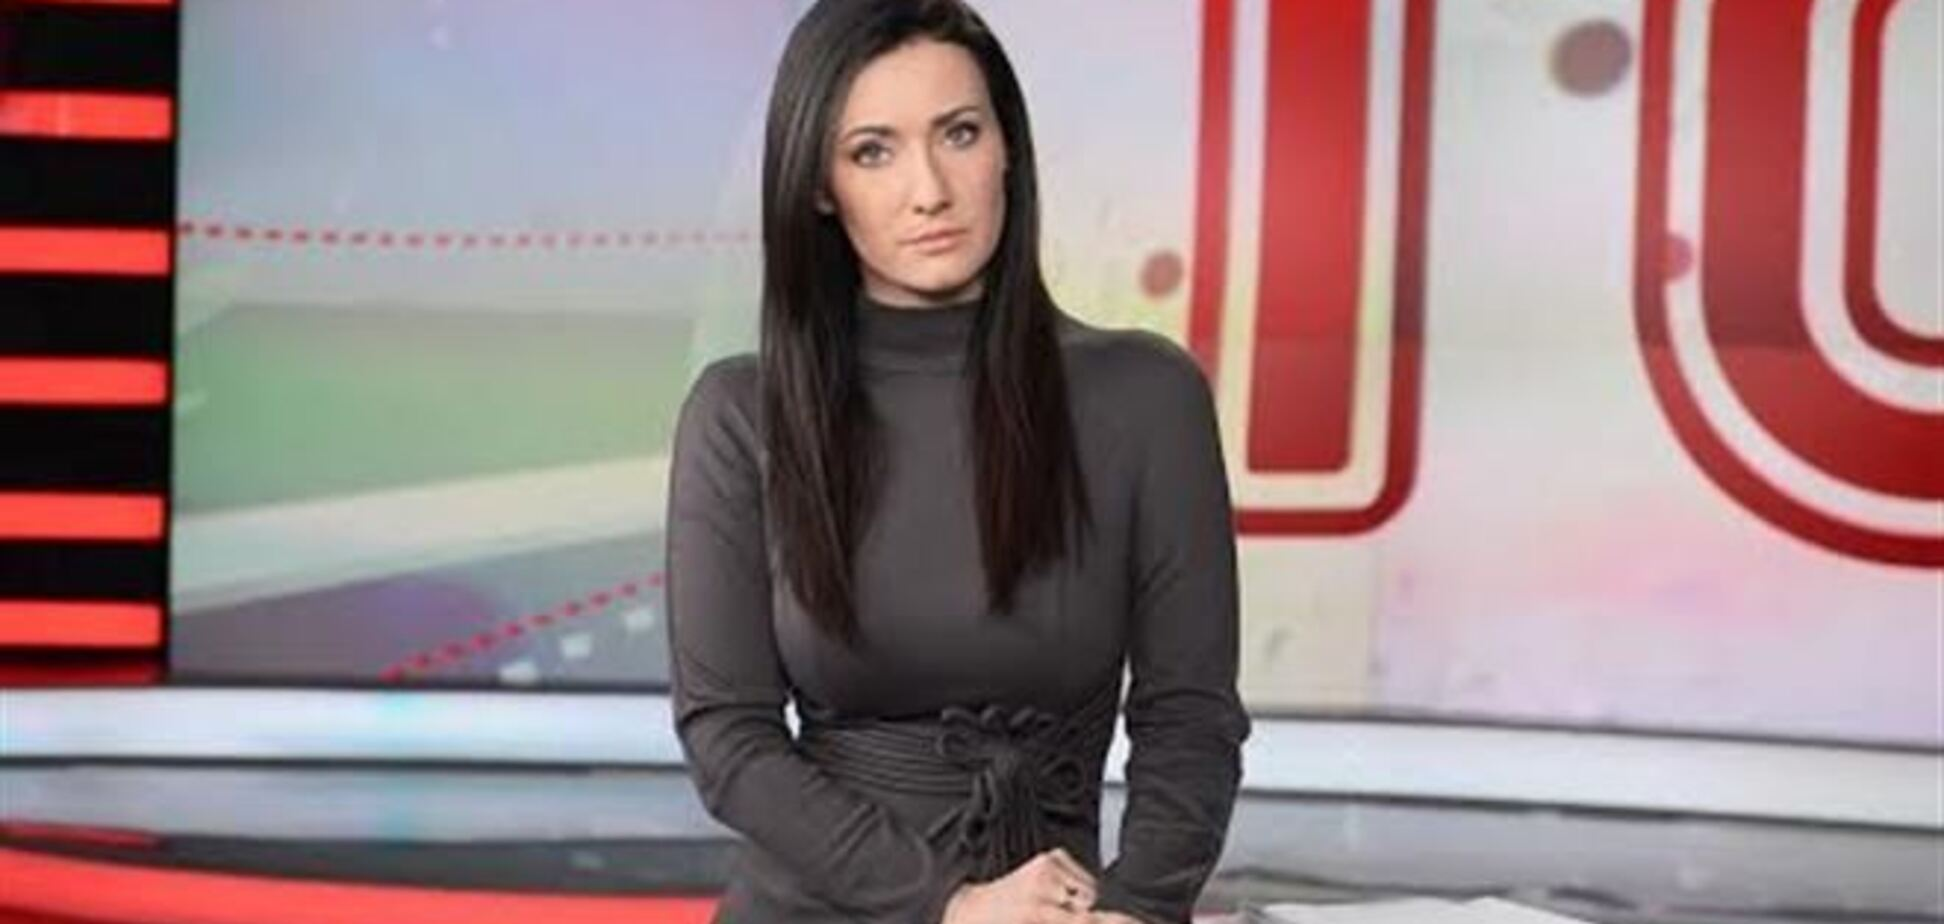 Вітвіцька попросила російські ЗМІ не розпалювати ворожнечу